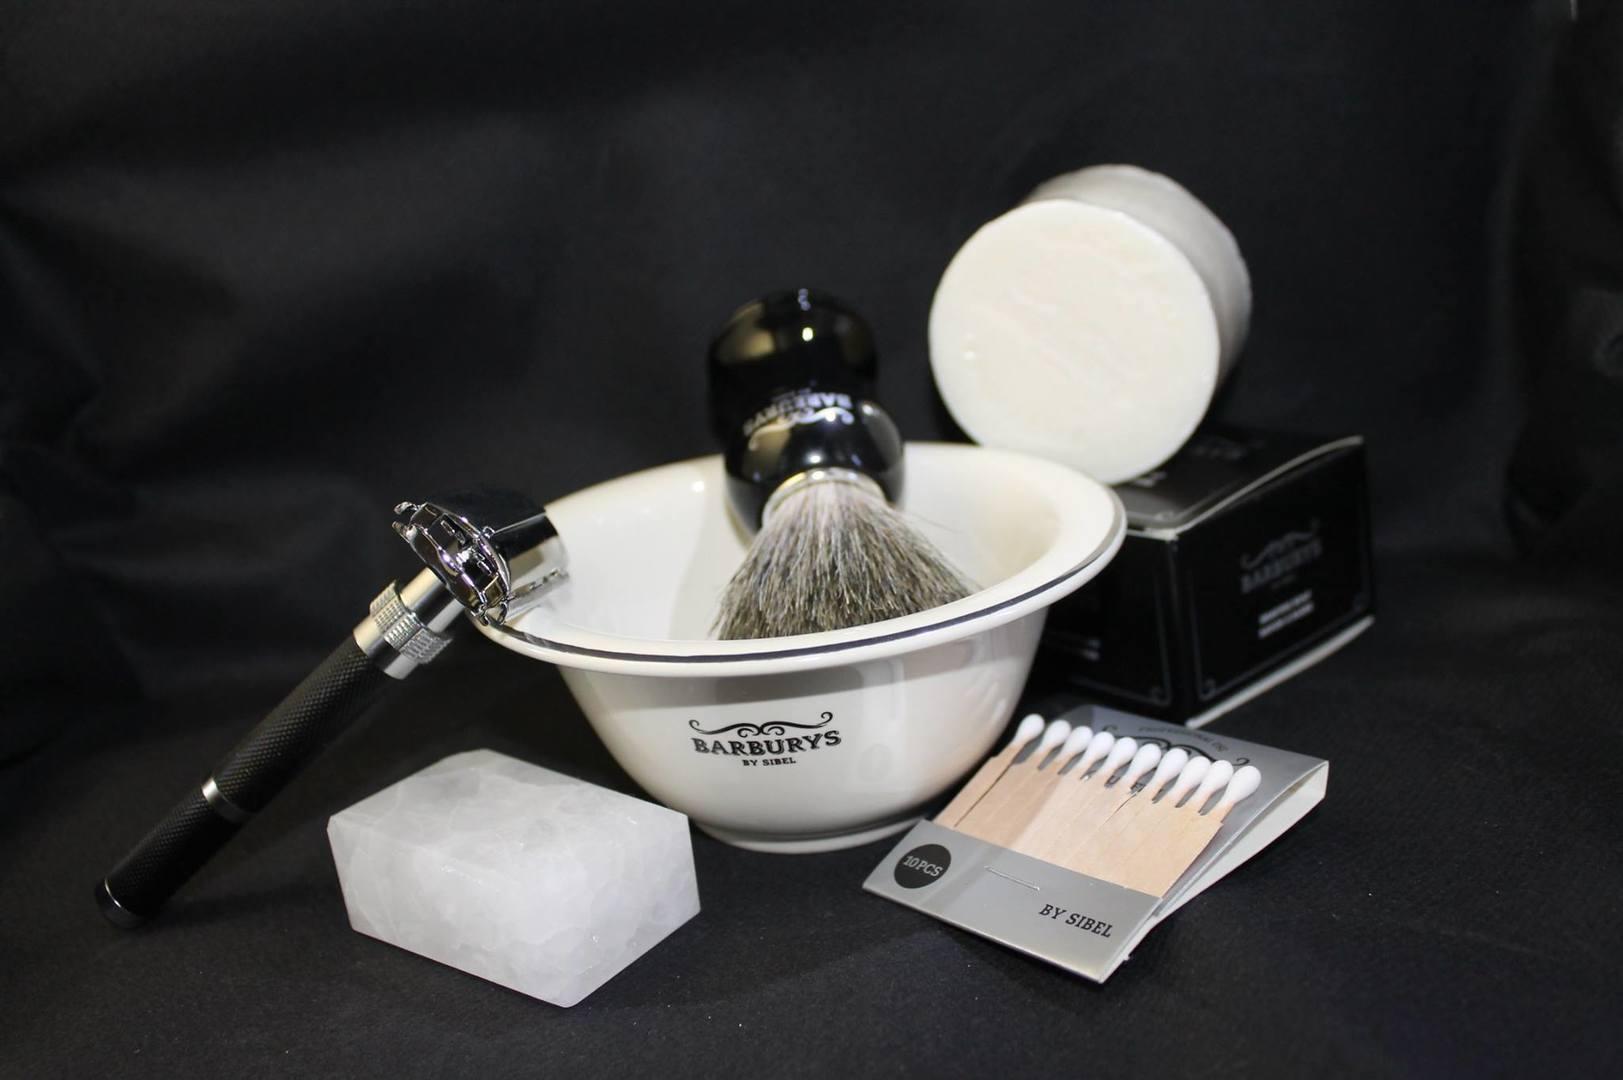 Ulti Coiff - Magasin spécialisé dans la vente de produits et matériel de coiffure